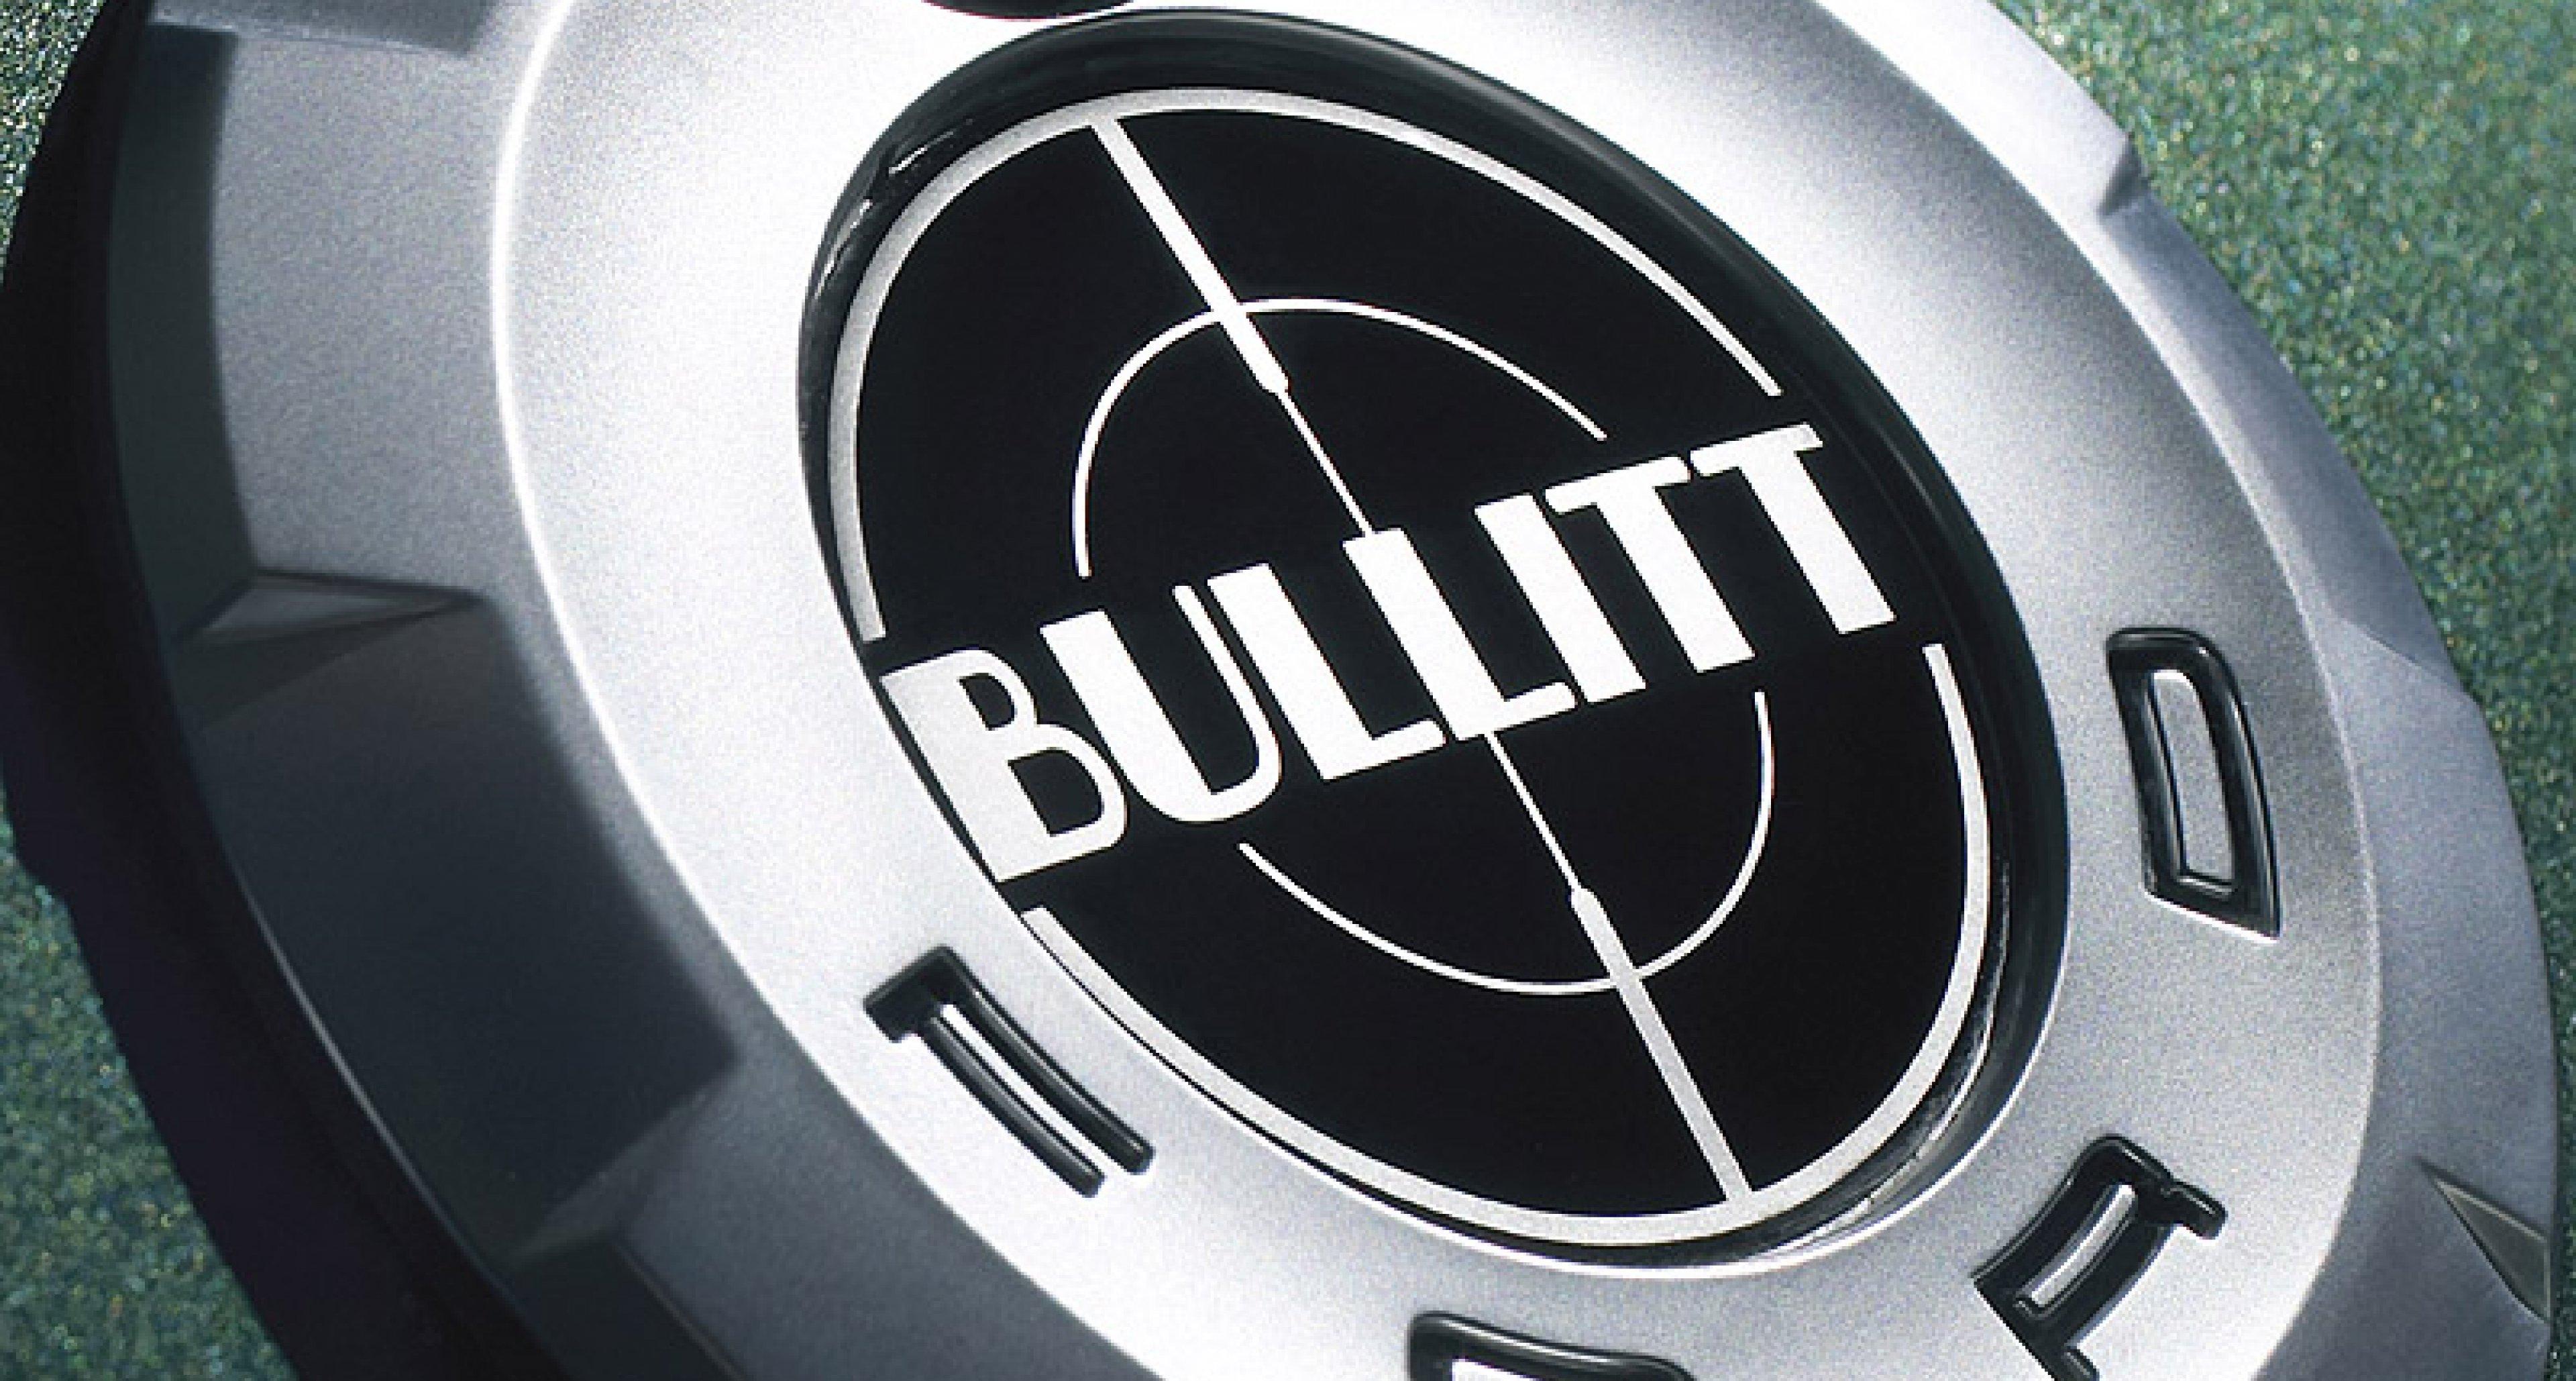 Bullitt Back on the Streets